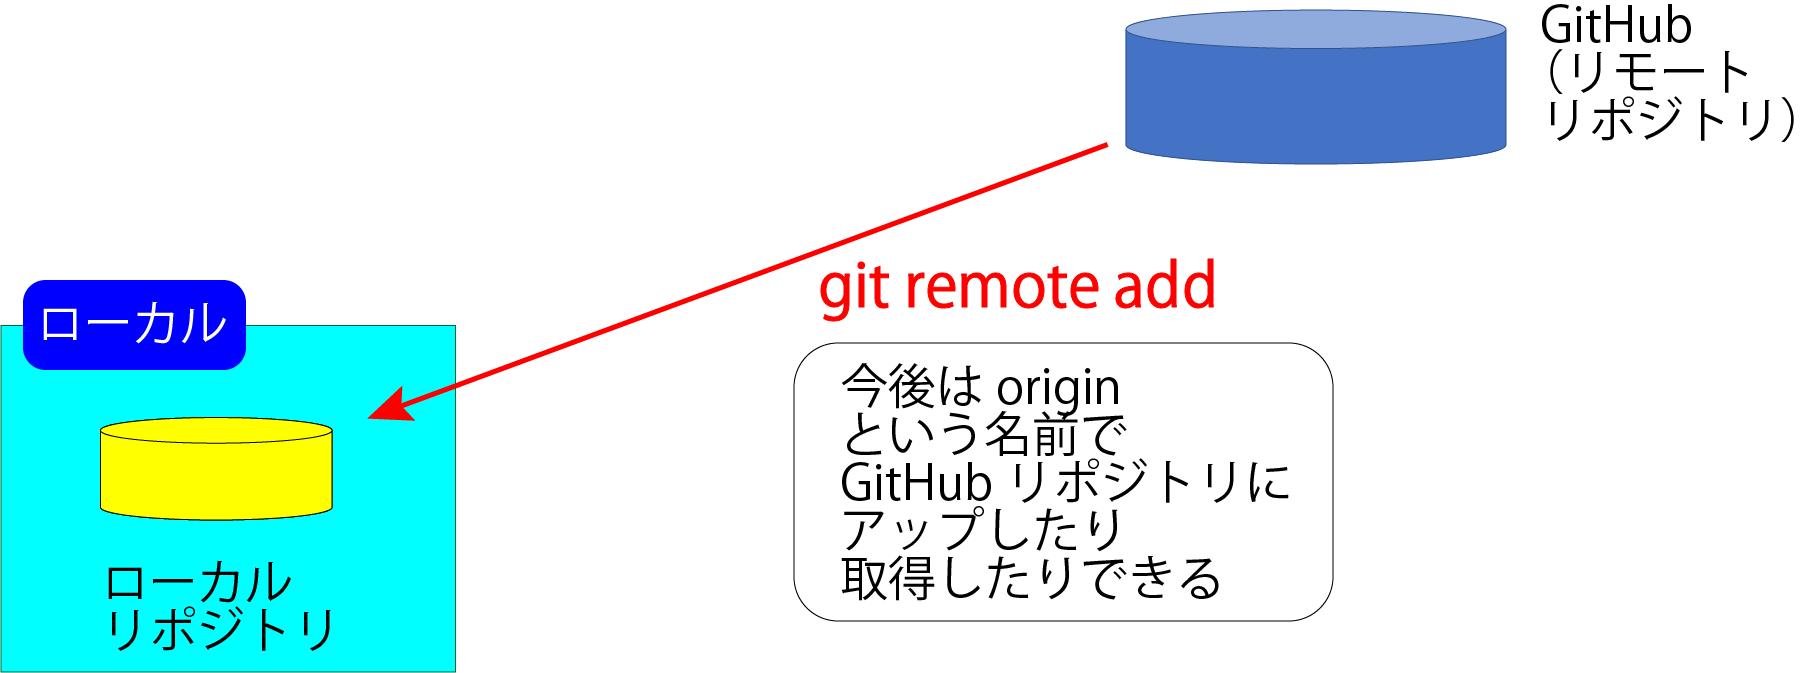 リモートリポジトリ(GitHub)を新規追加する